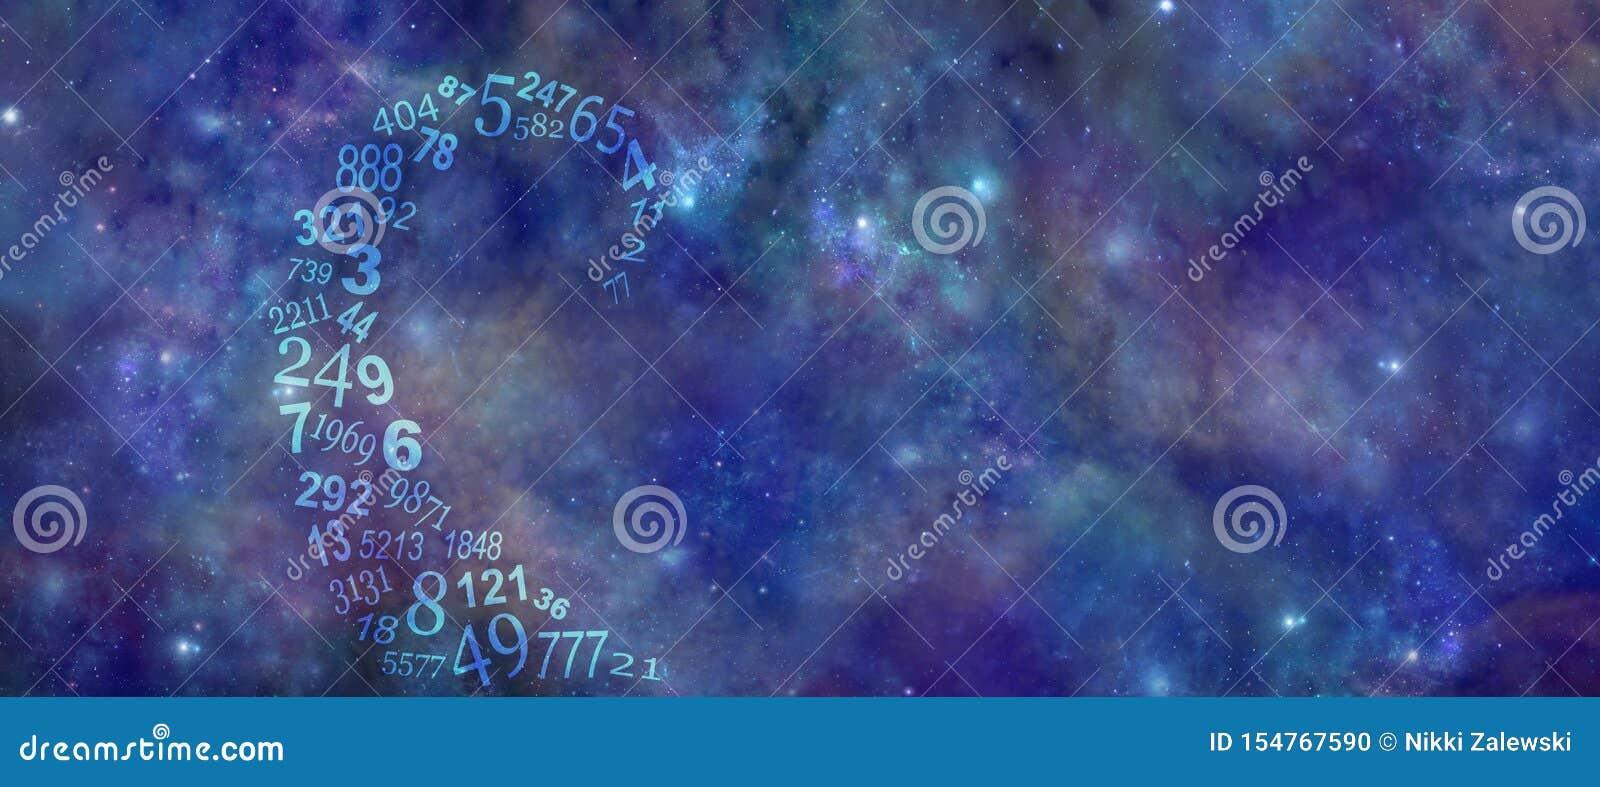 Zahlen Vortexing Kosmische Numerology-Hintergrund-Fahne